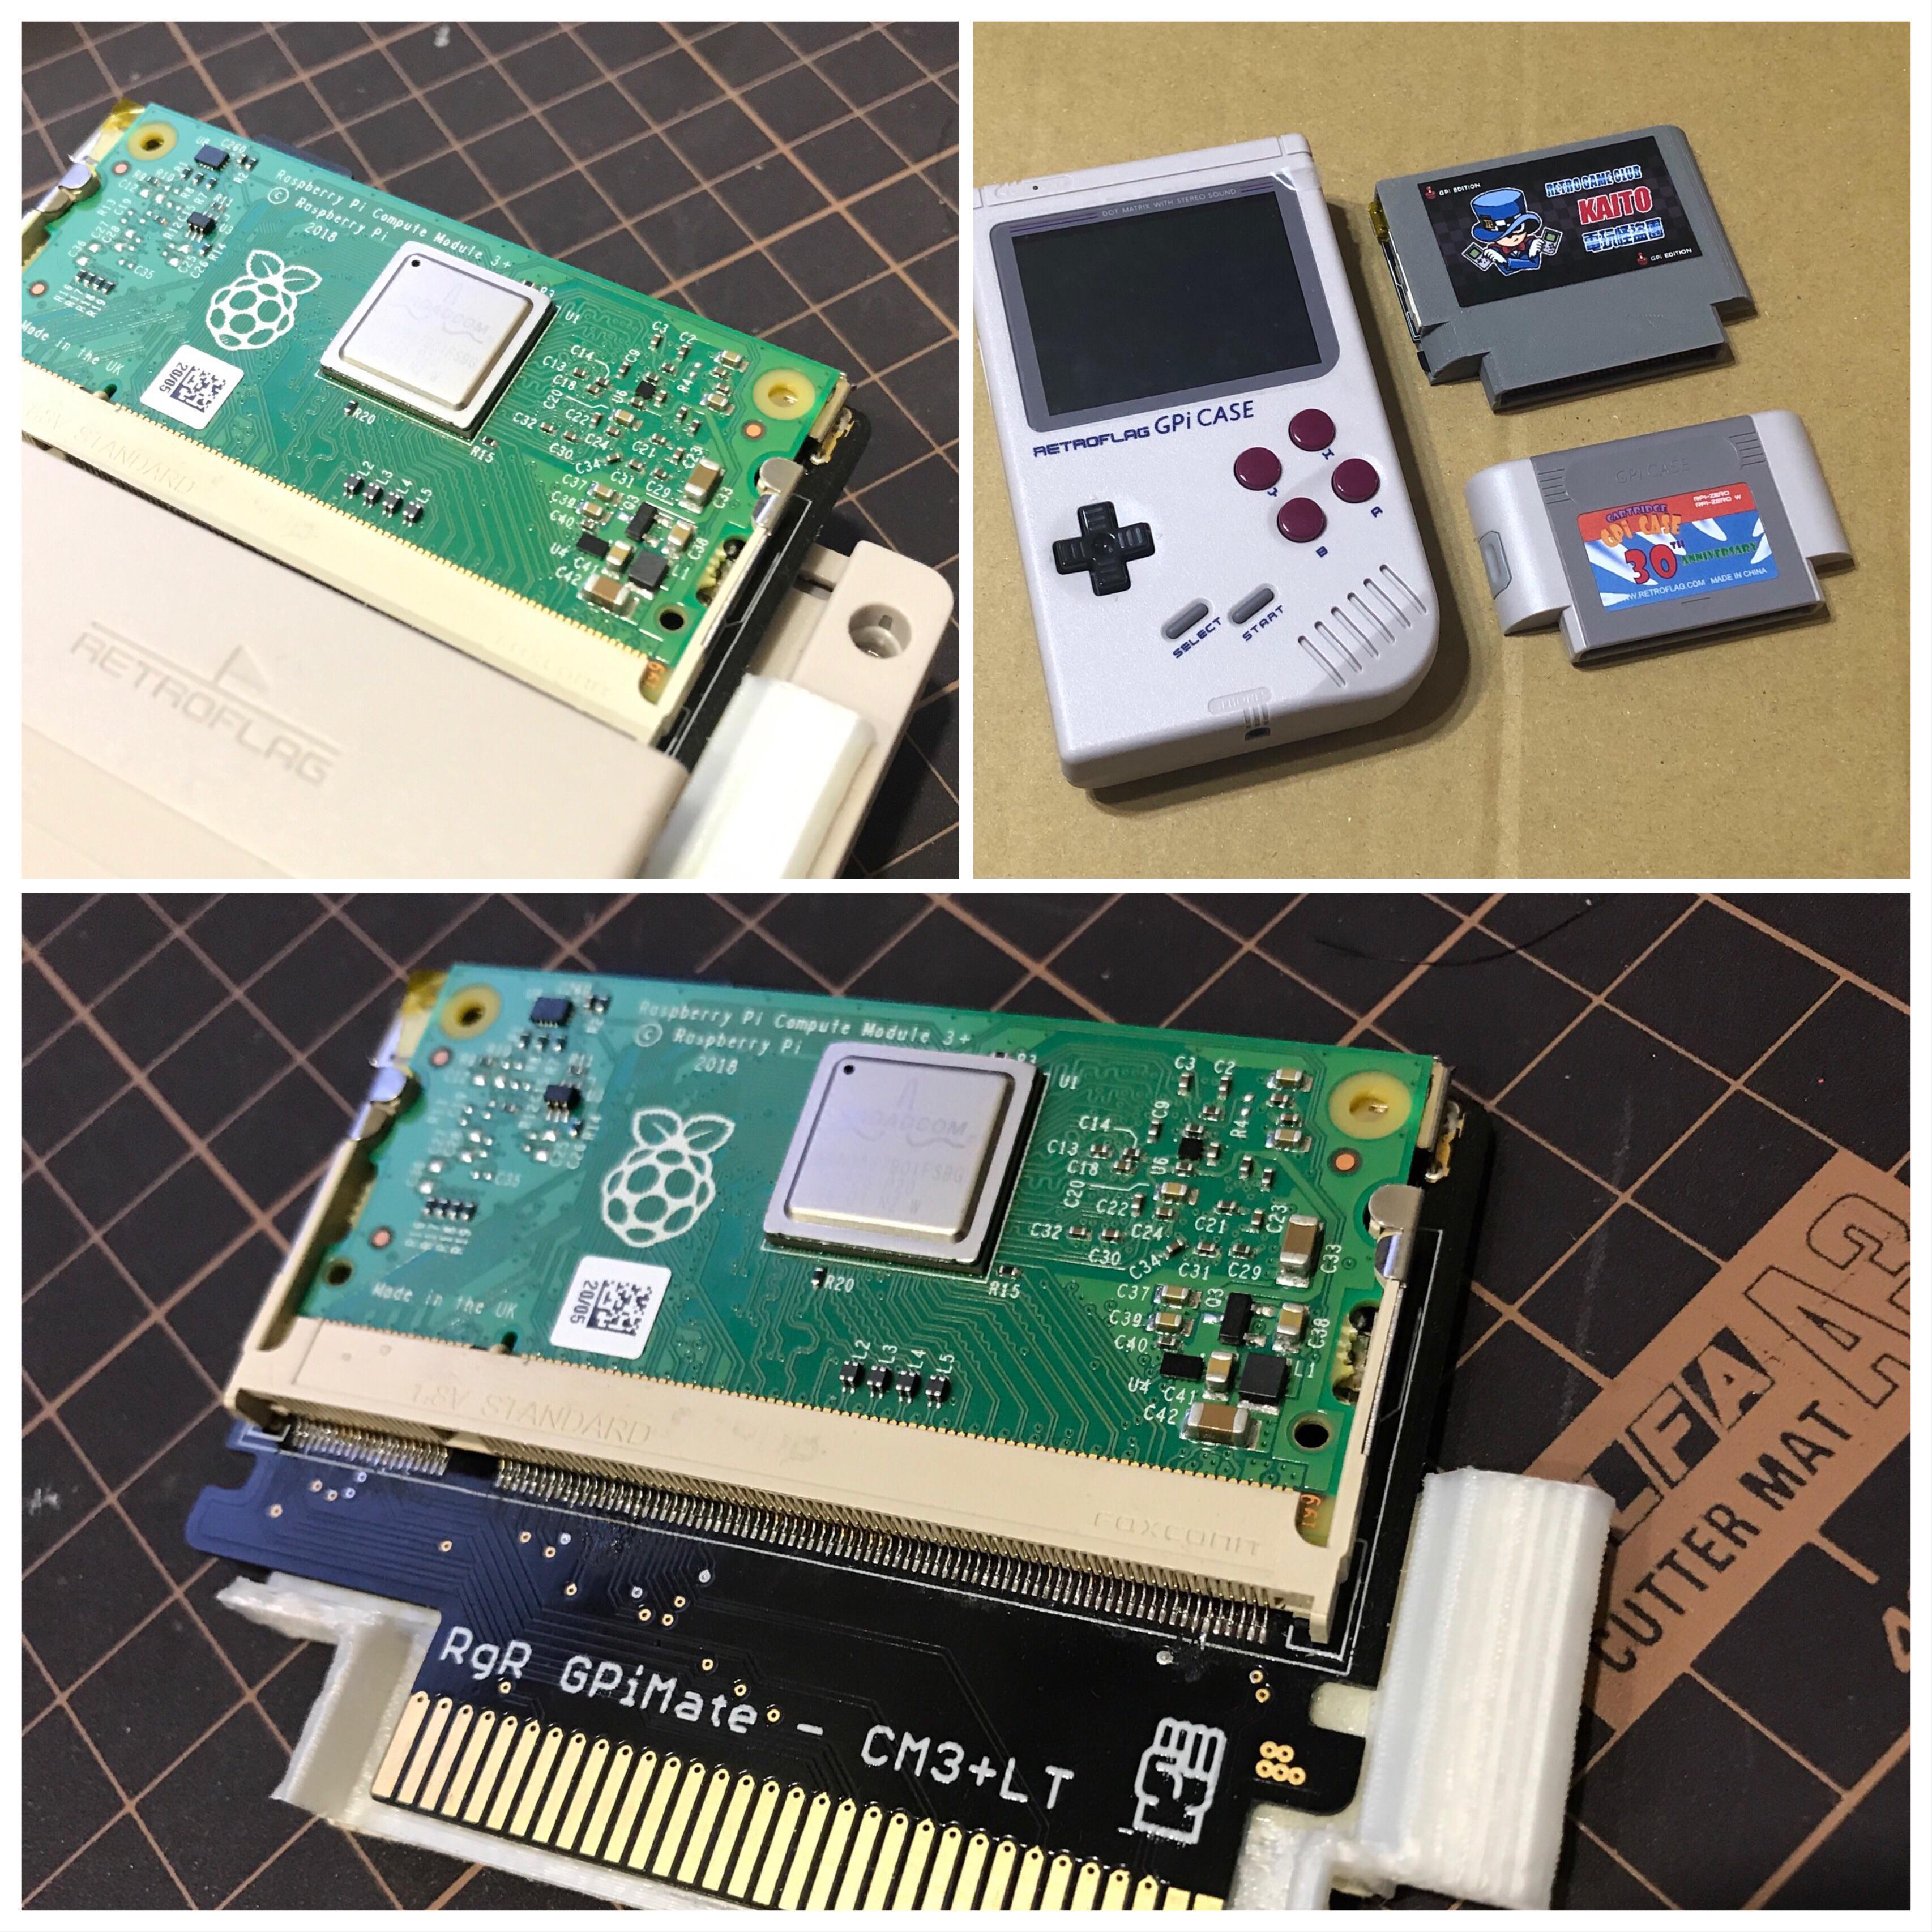 Raspberry Pi retro gaming on Reddit - Raspberry Pi